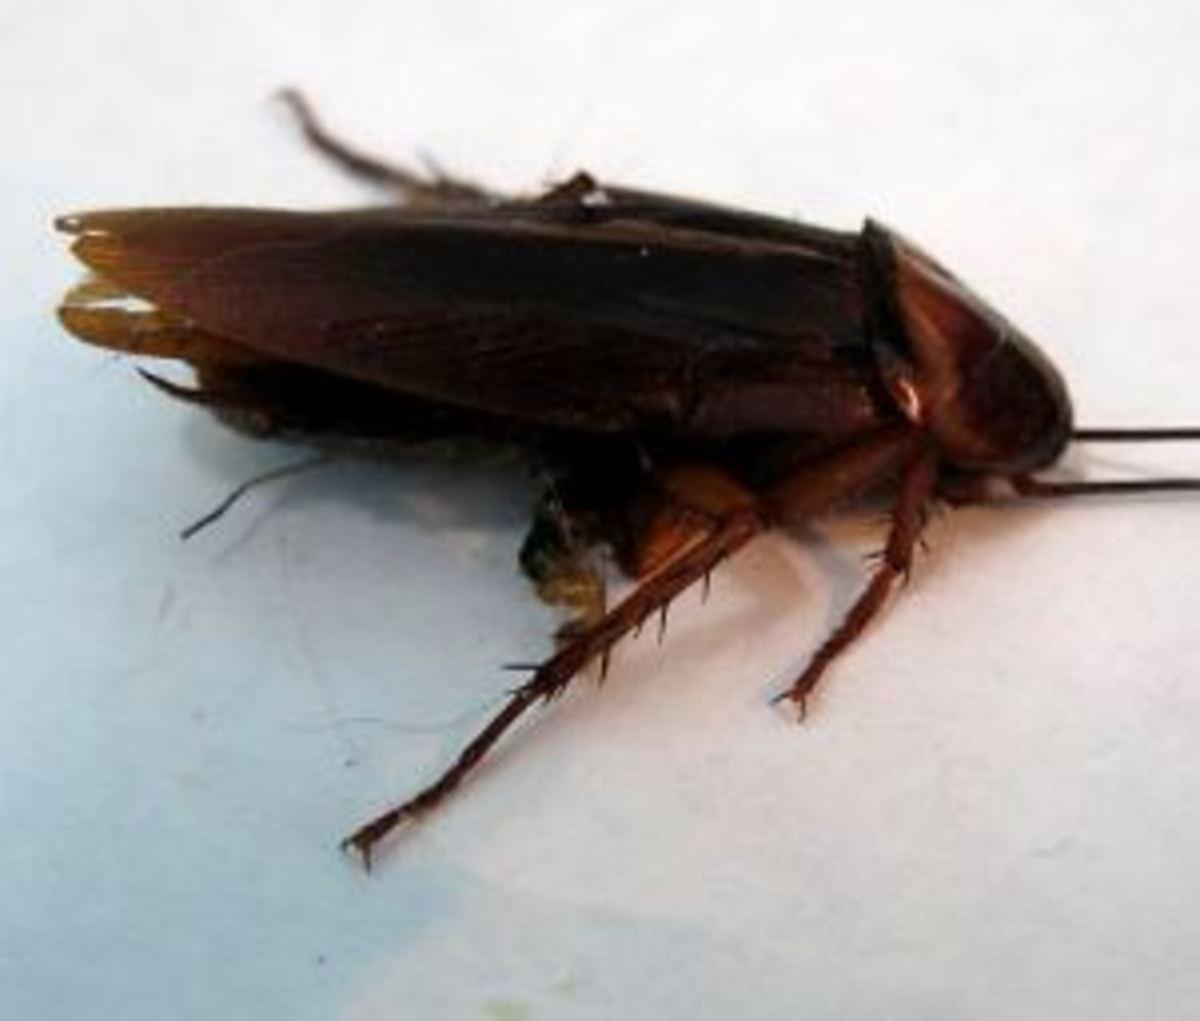 My Dog Eats Cicadas